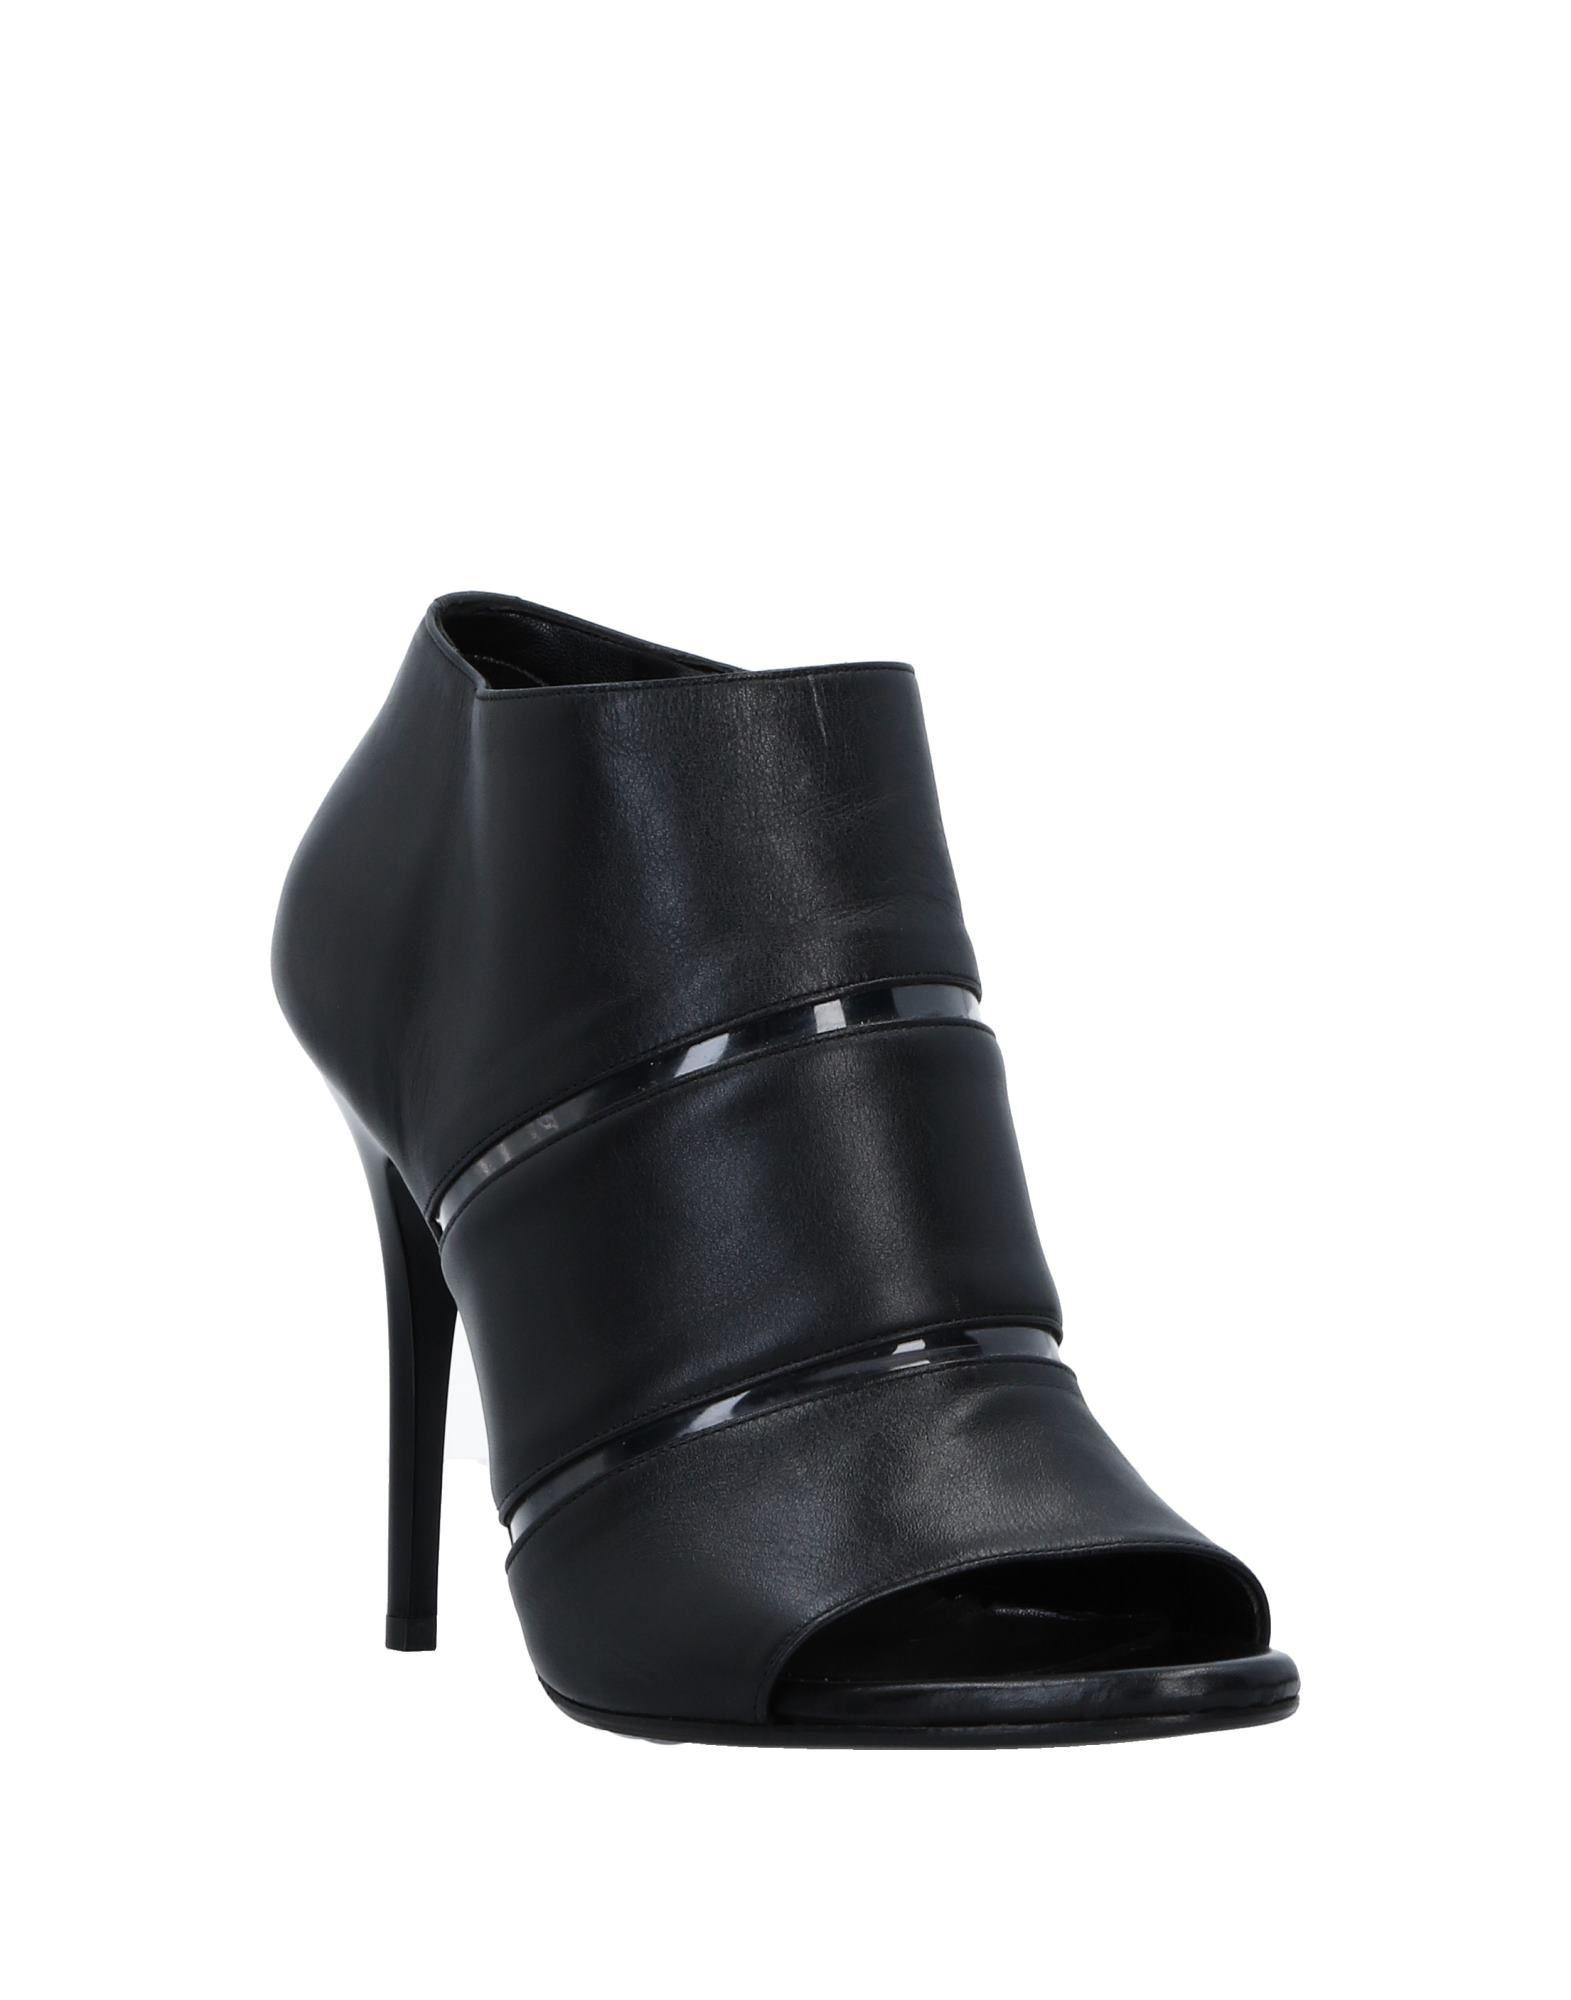 Albano 11528551DM Stiefelette Damen  11528551DM Albano Gute Qualität beliebte Schuhe f703ce